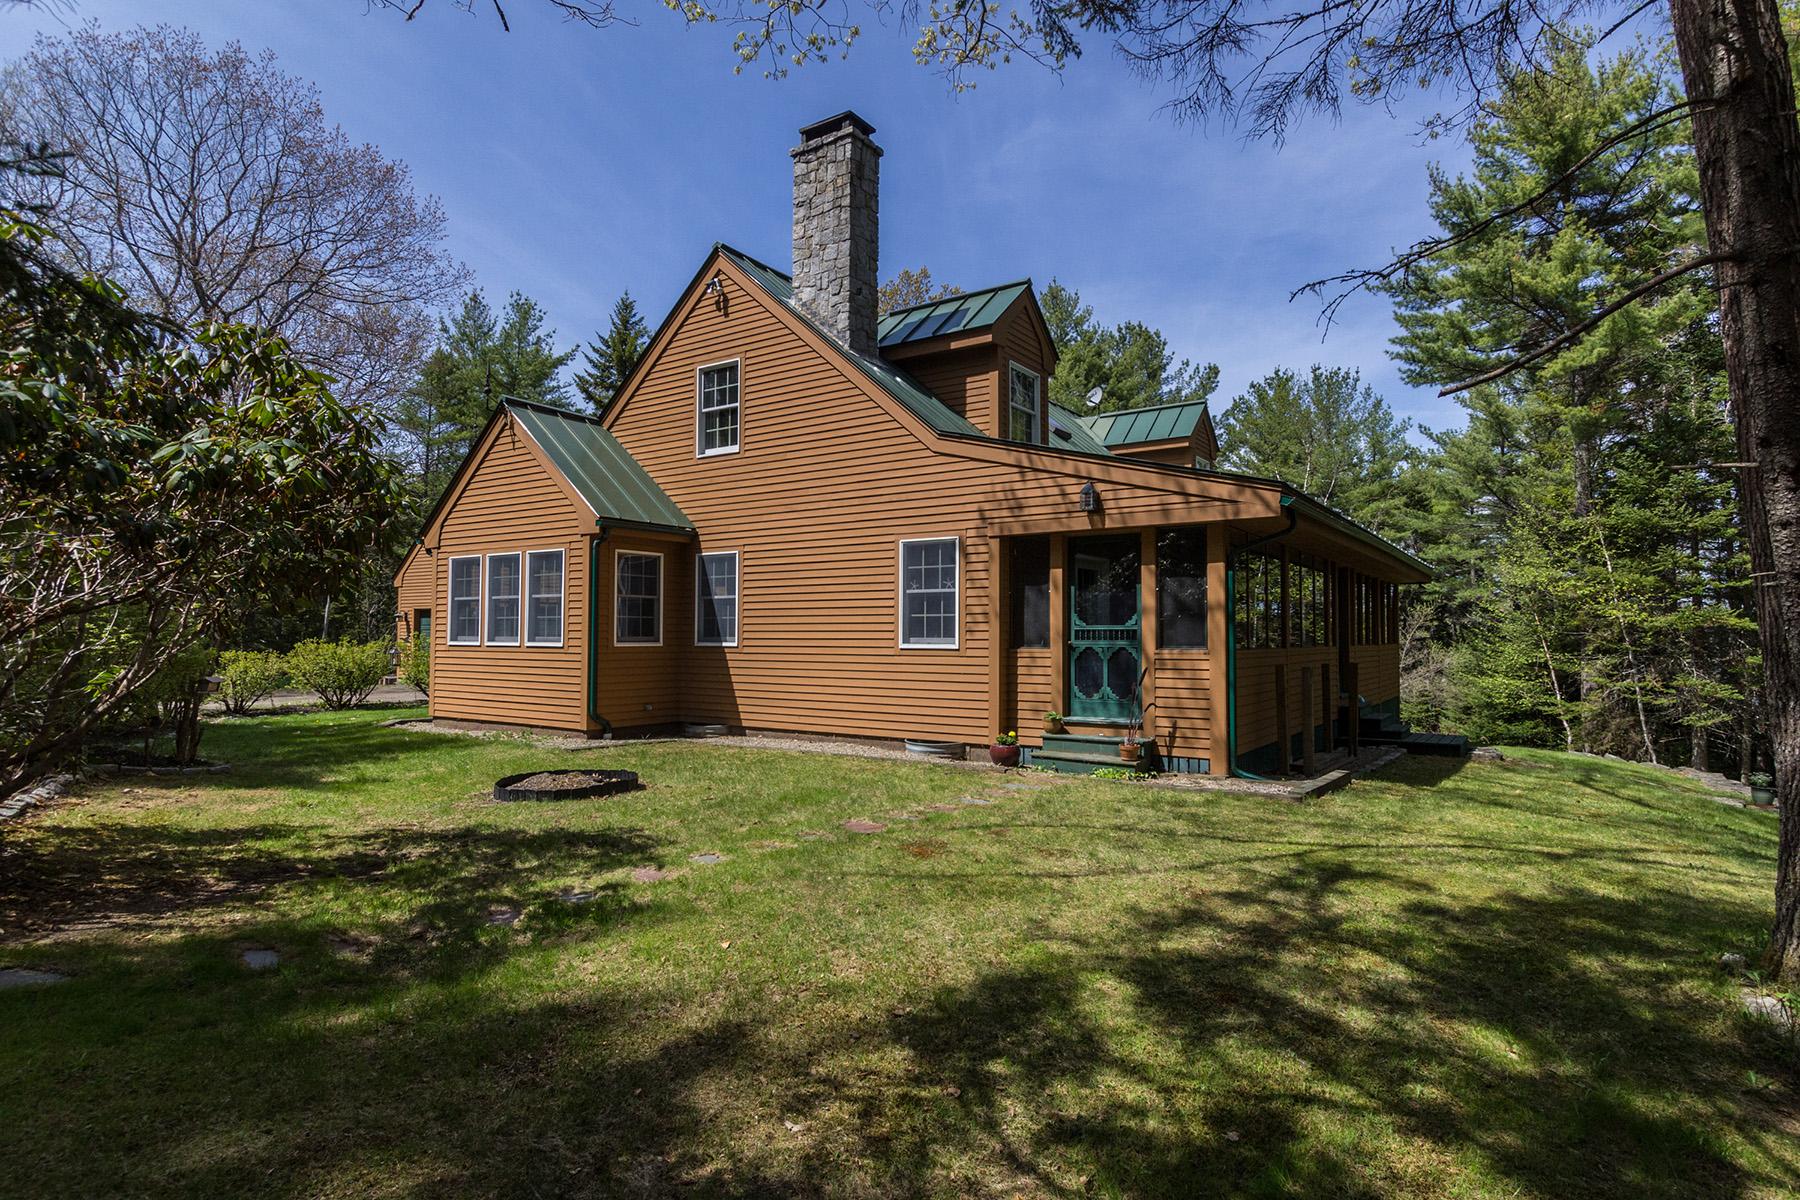 Maison unifamiliale pour l Vente à TIdewater Way 93 Tidewater Way South Bristol, Maine 04568 États-Unis